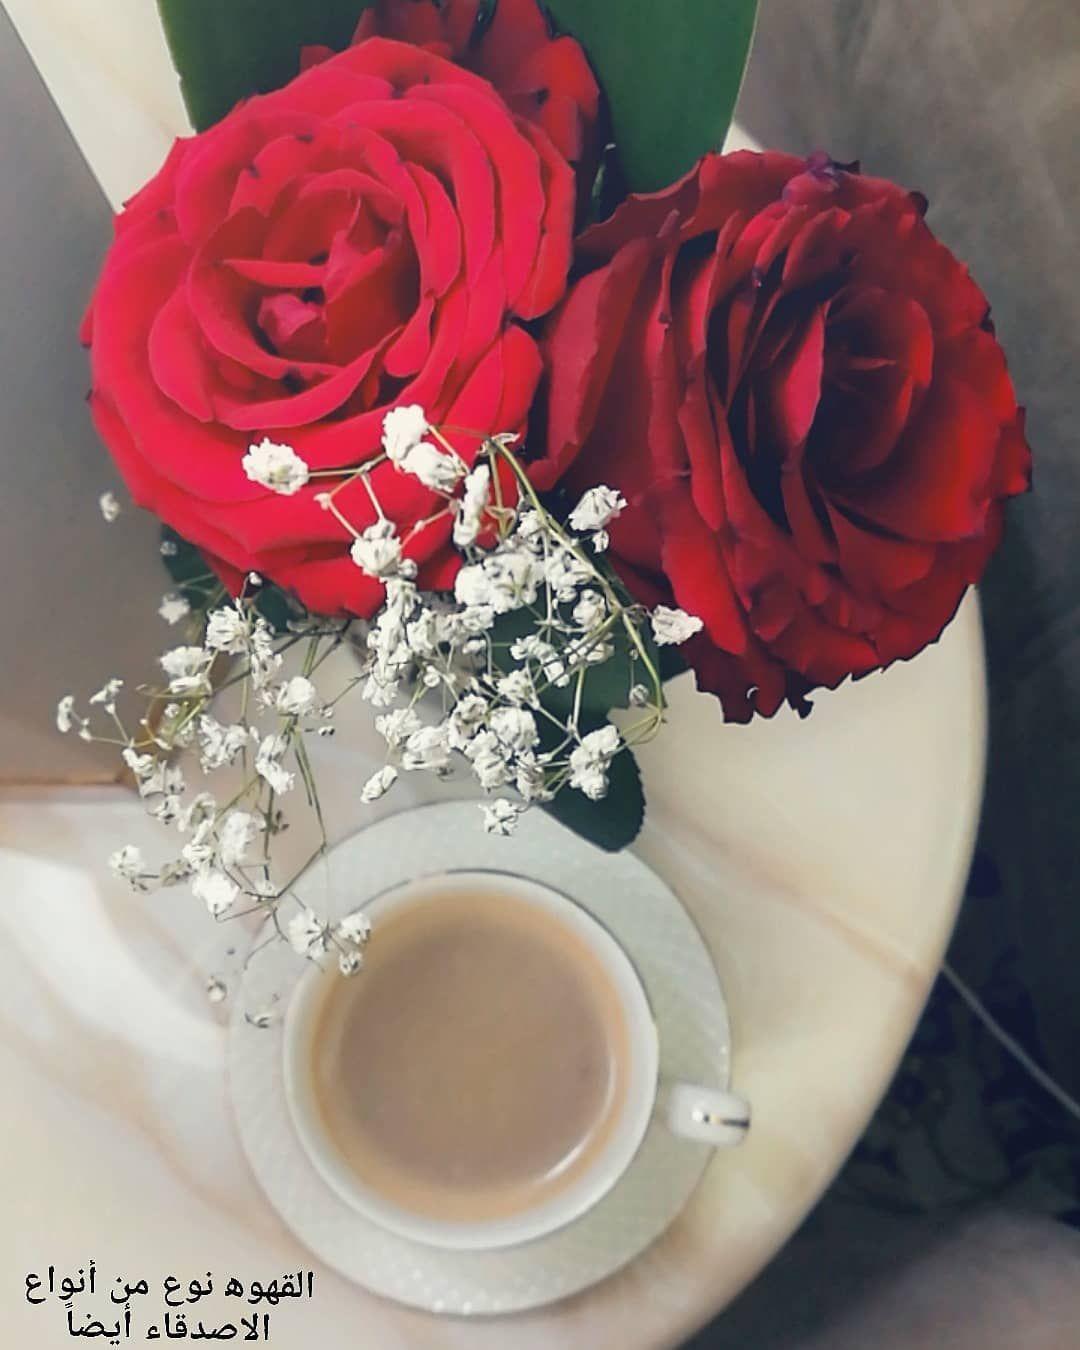 القهوه نوع من أنواع الاصدقاء أيضا صباح الخير ورد قهوه رمزيات روقان كوفي تصويري تمبلر عدستي لقطة لايك Table Decorations Decor Flowers